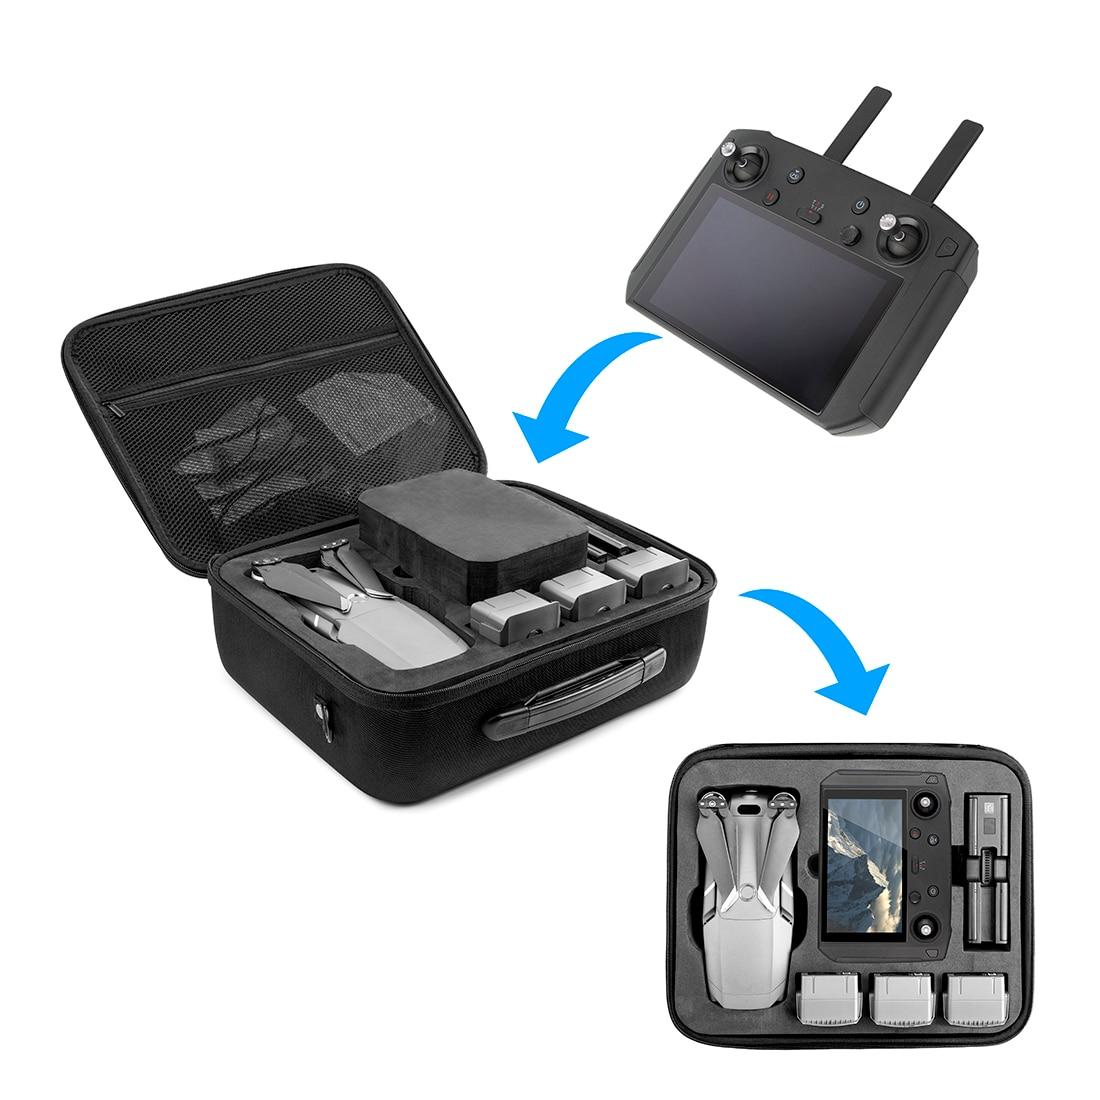 マヴィックのため 2 プロ/ズームドローンケース防水バッテリーフィルター充電器収納袋ストラップハンドバッグ dji Mavic 2 スマートコントローラ  グループ上の 家電製品 からの ドローンバッグ の中 1